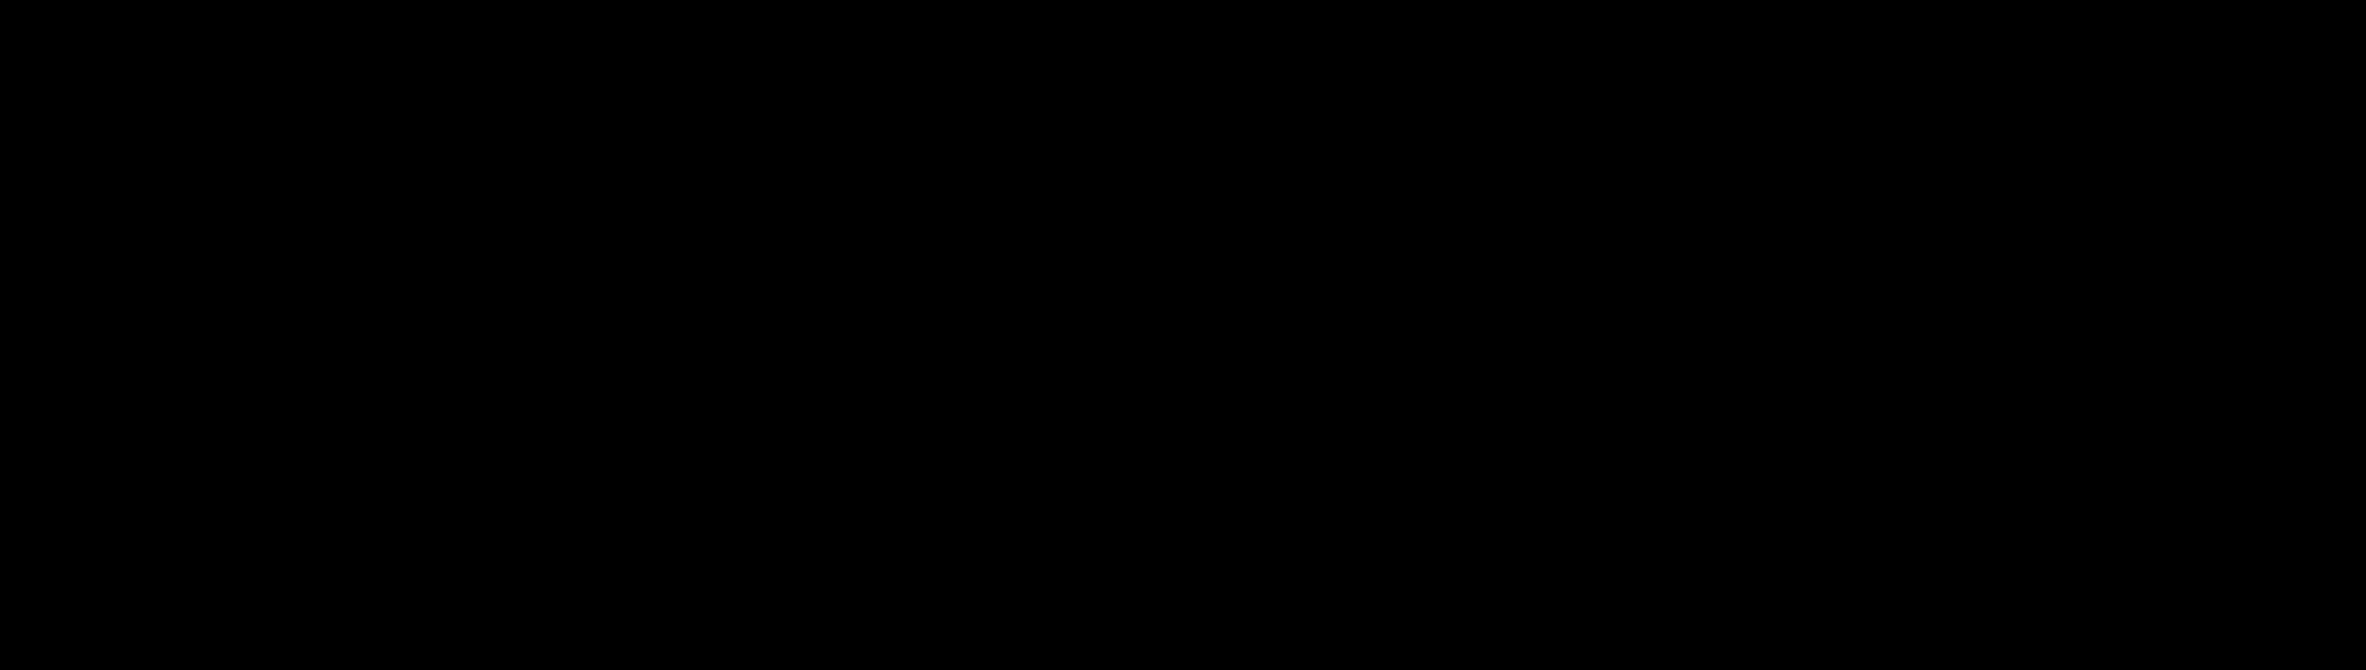 Regorafenib-<sup>13</sup>C, d<sub>3</sub>